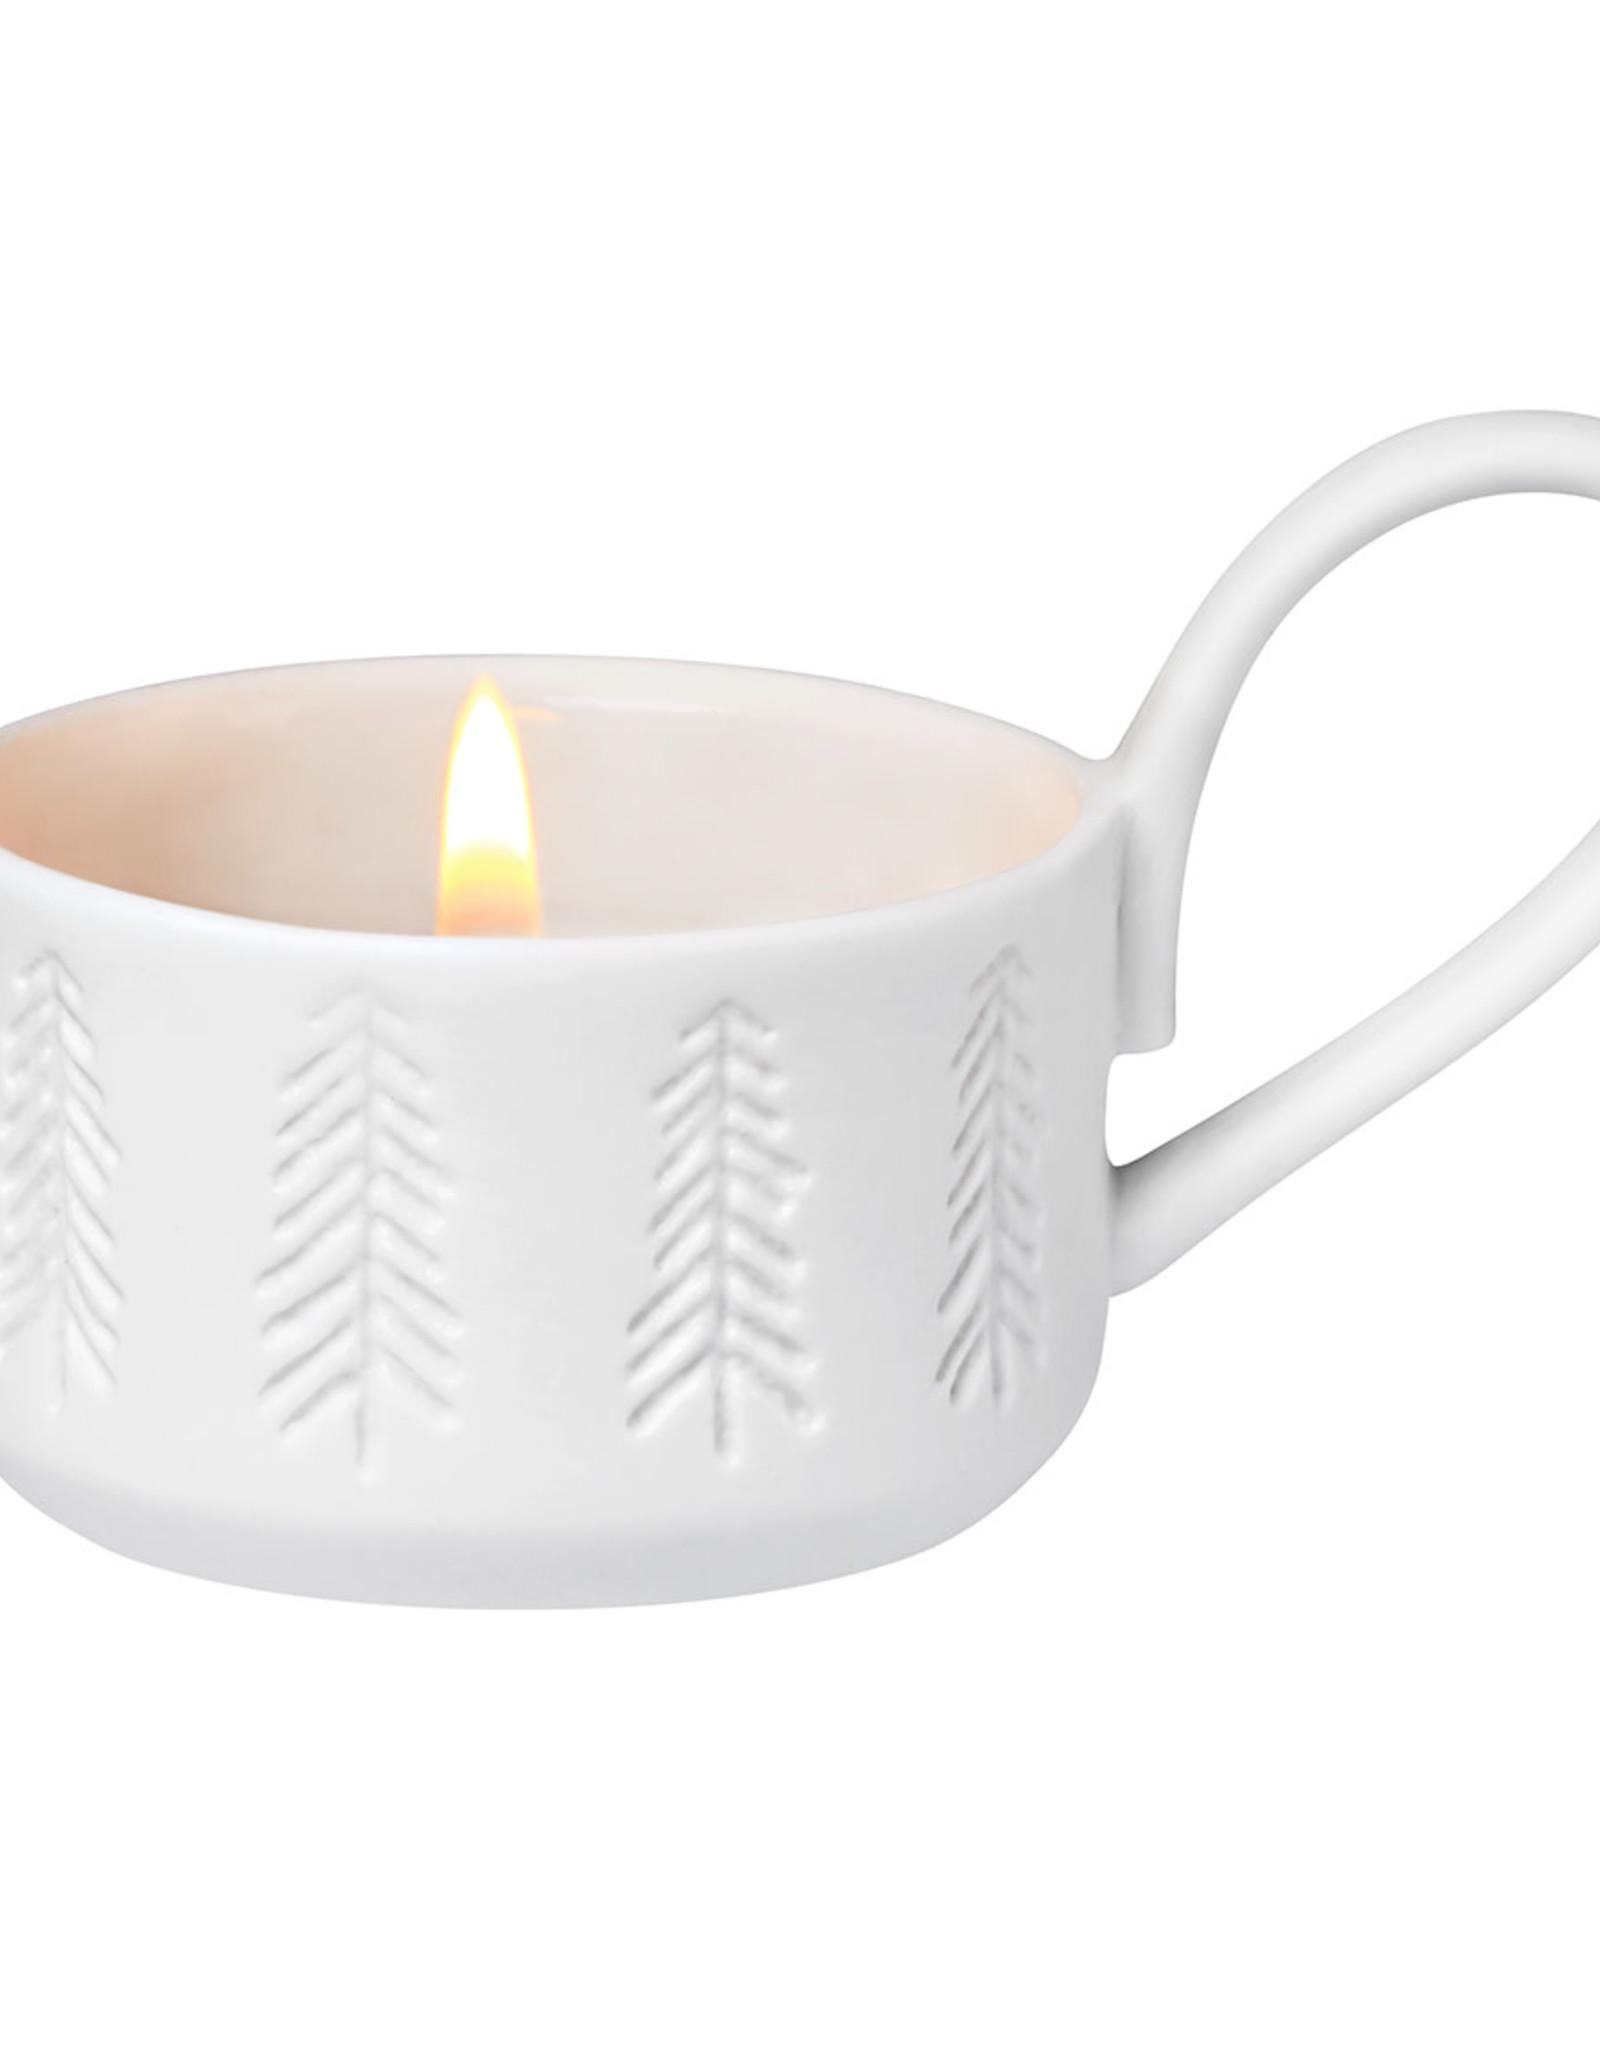 Räder Rader - Little light fir trees